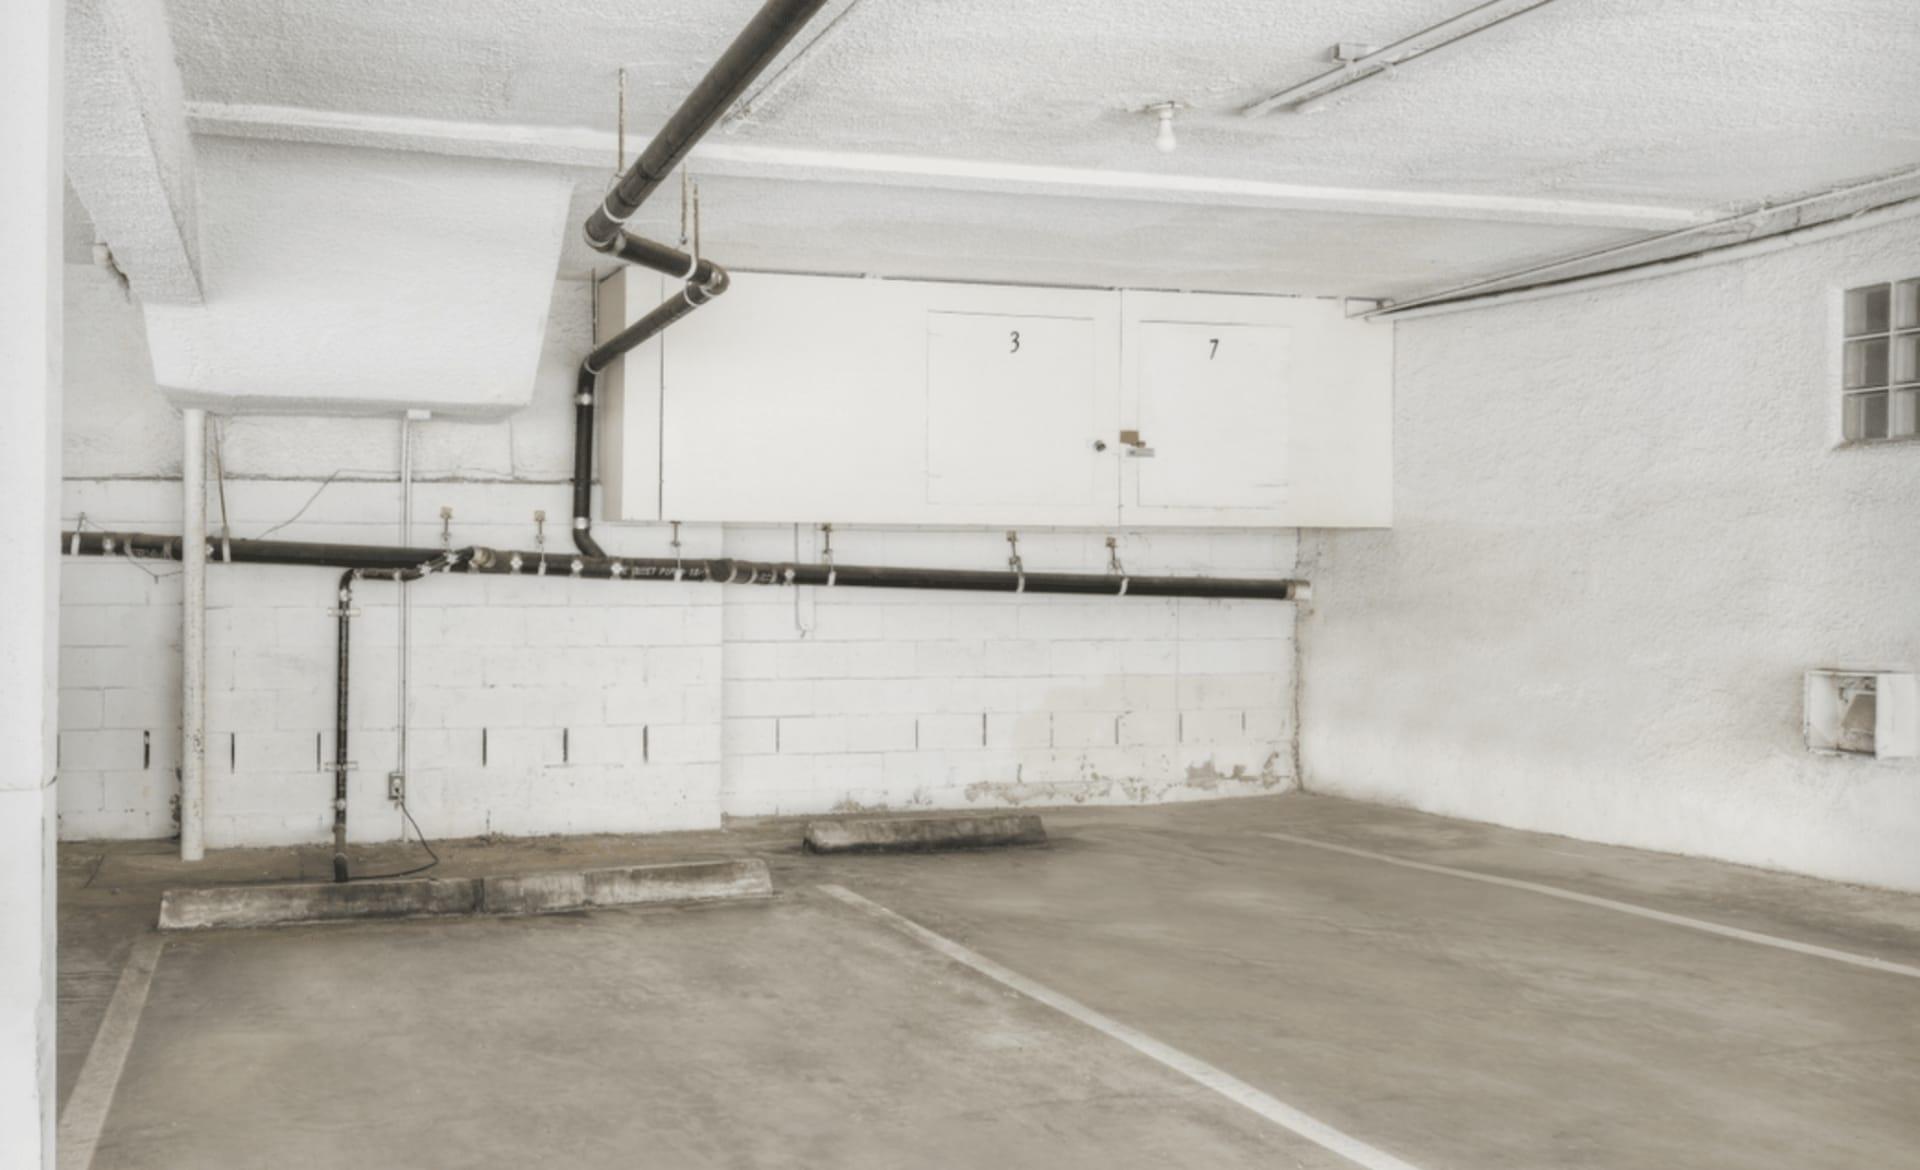 837 10th St Unit 7 photo